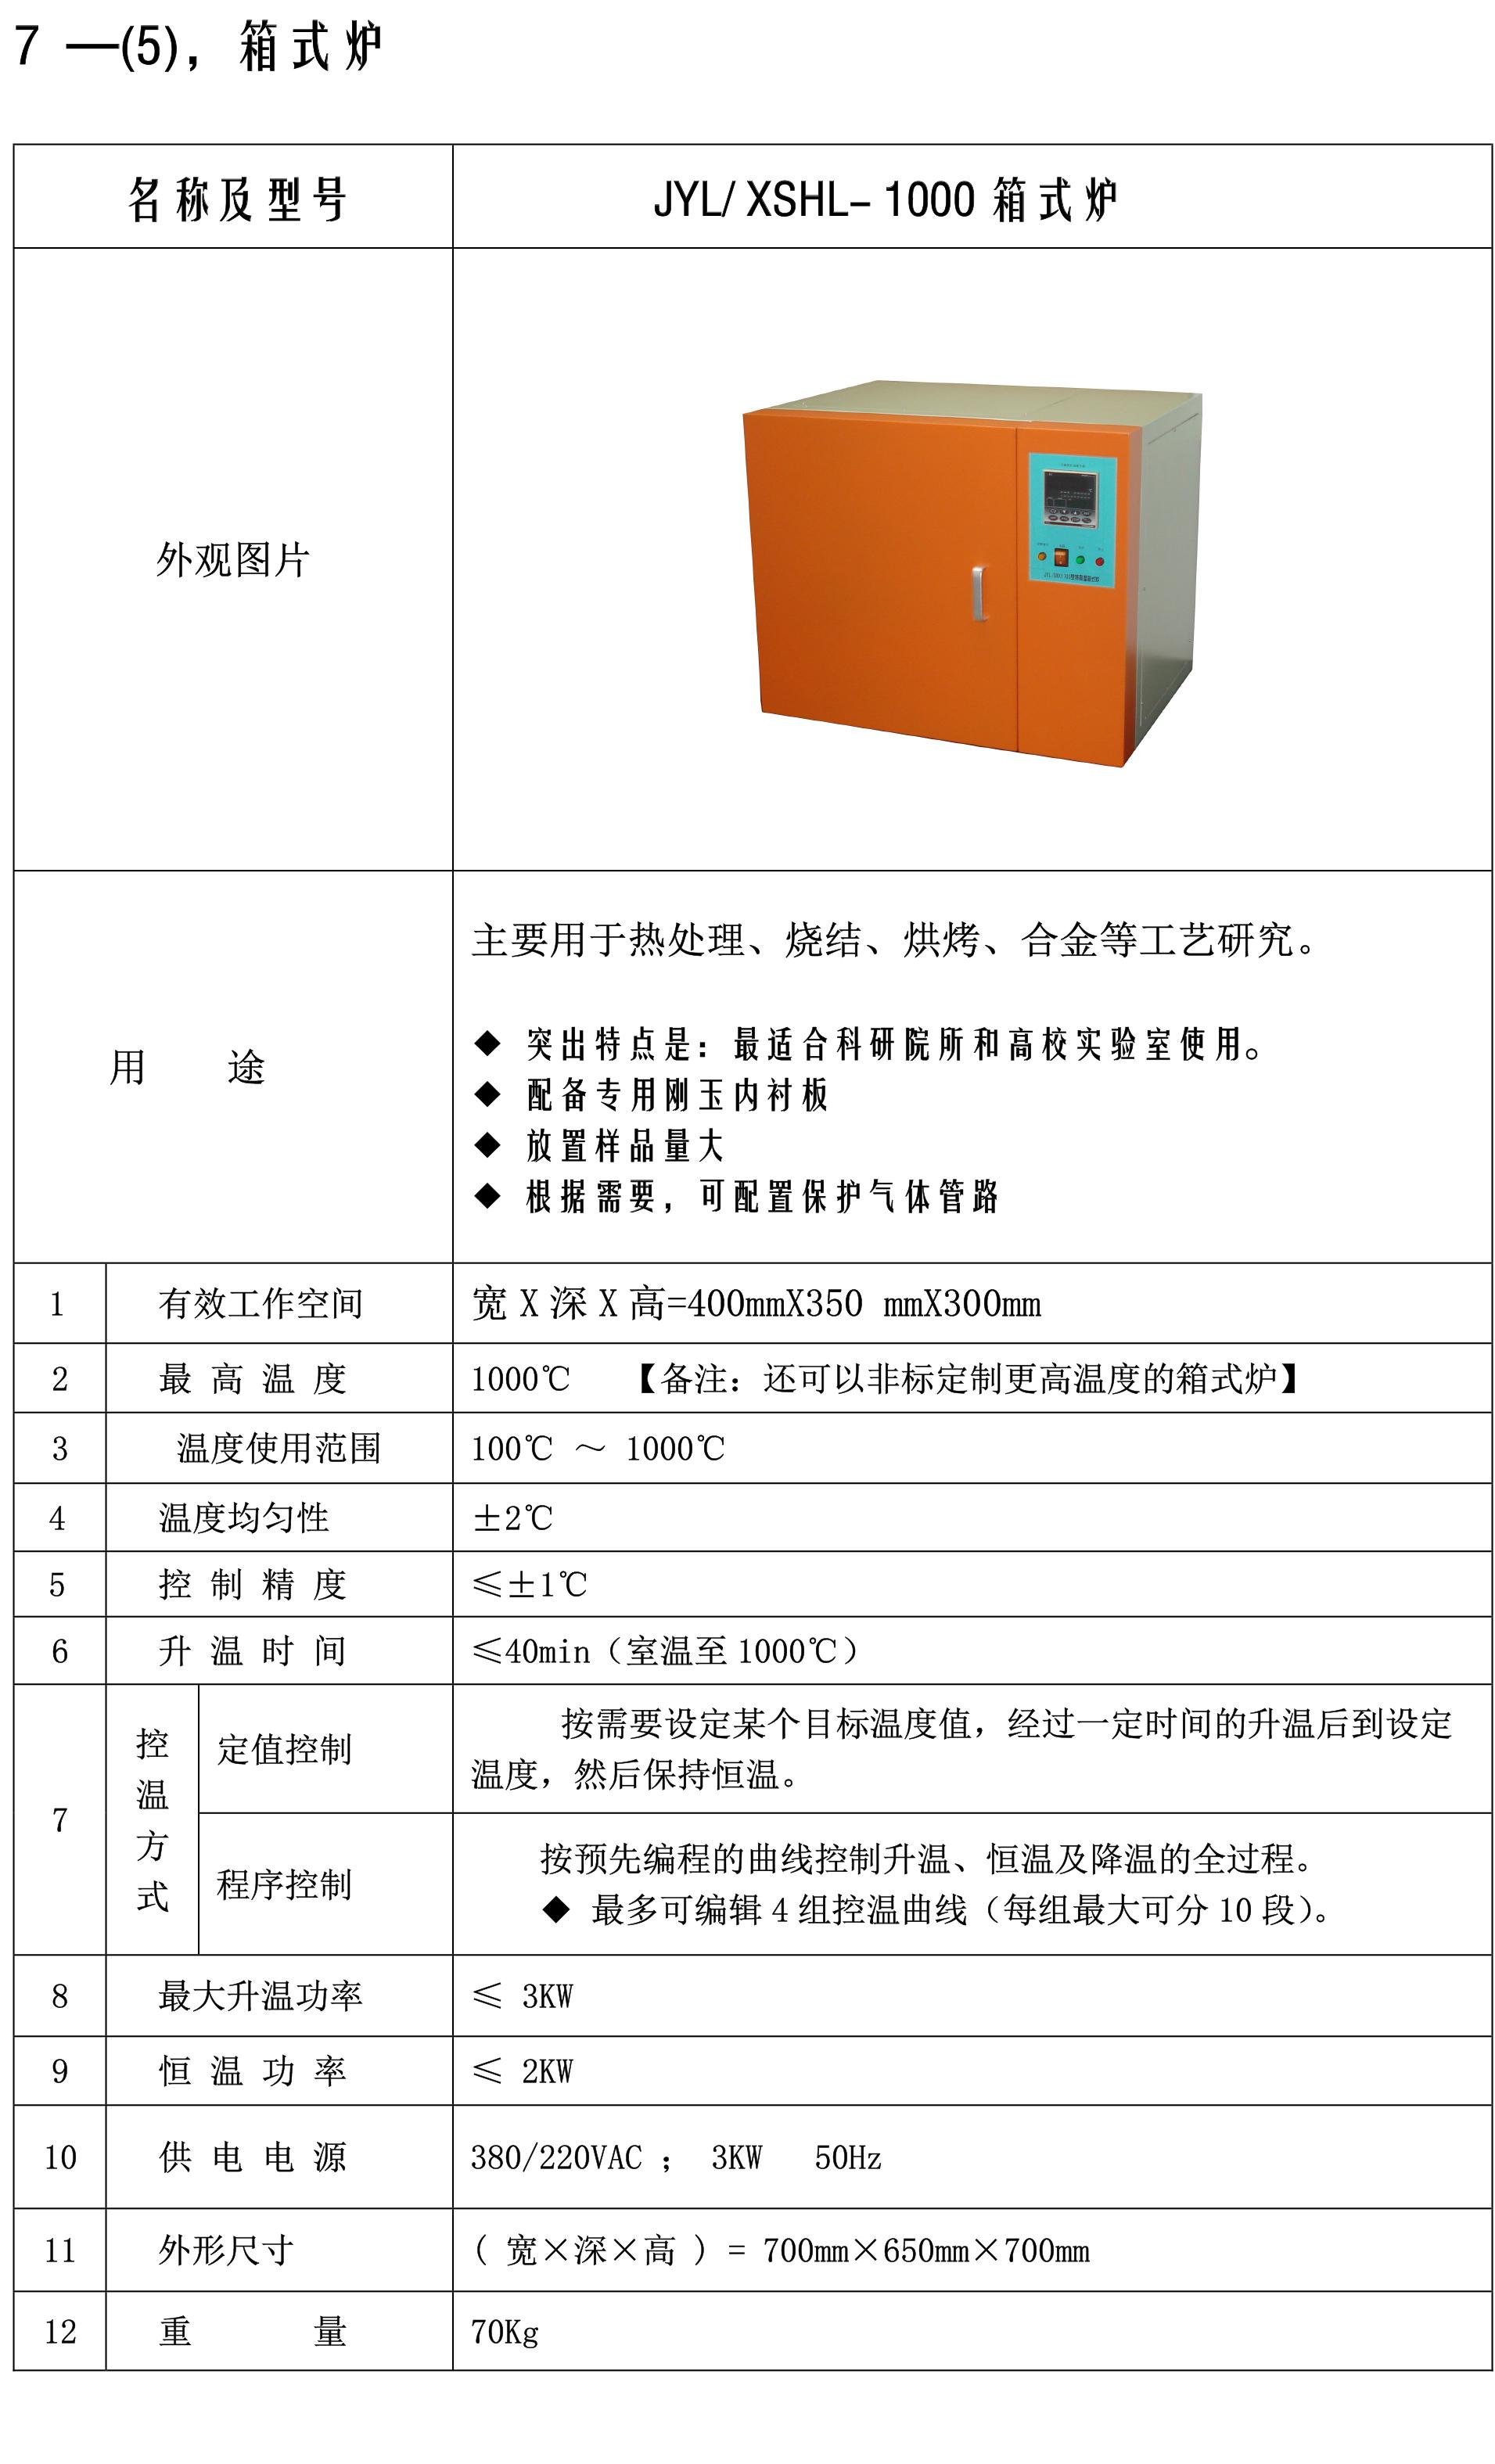 網站產品參數圖片-007箱式爐